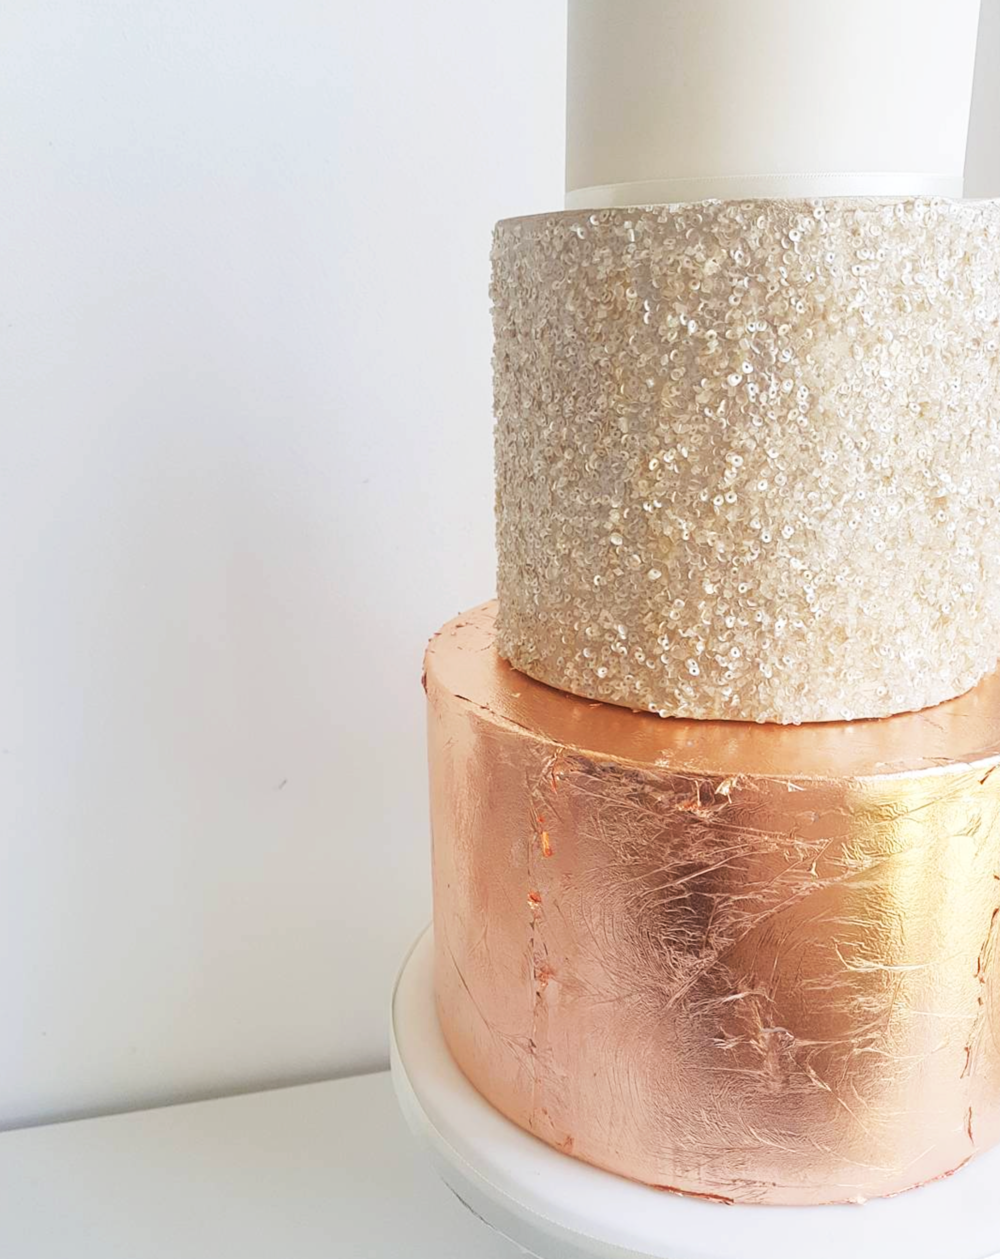 DOTTY ROSE CAKE DESIGN ROSE GOLD FOIL CAKE 3 TIER.png